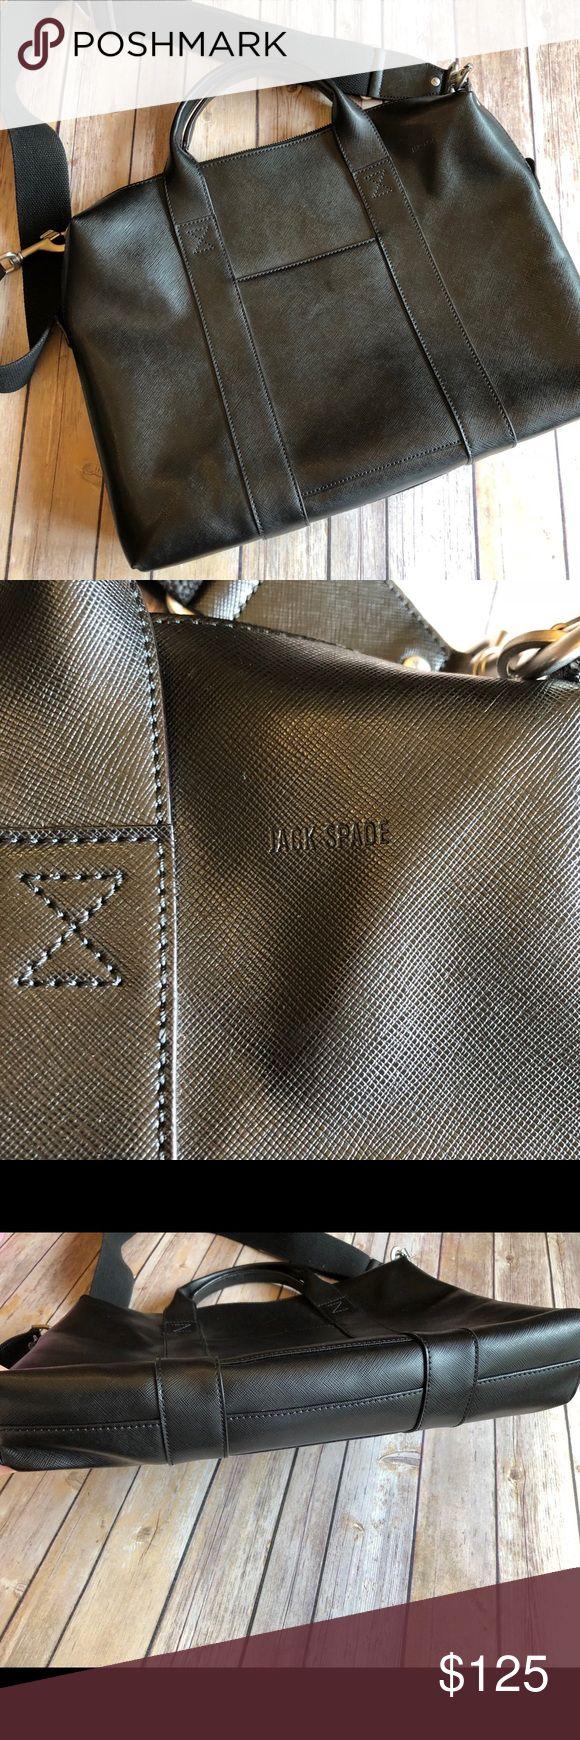 """Jack Spade Men's Wesson Davis Briefcase Black Jack Spade Men's Black Wesson Davis Leather Briefcase.   Height 13"""", 17"""", 3"""" bottom depth, 20"""" long strap drop, 2.5"""" handle drop Jack Spade Bags Briefcases"""